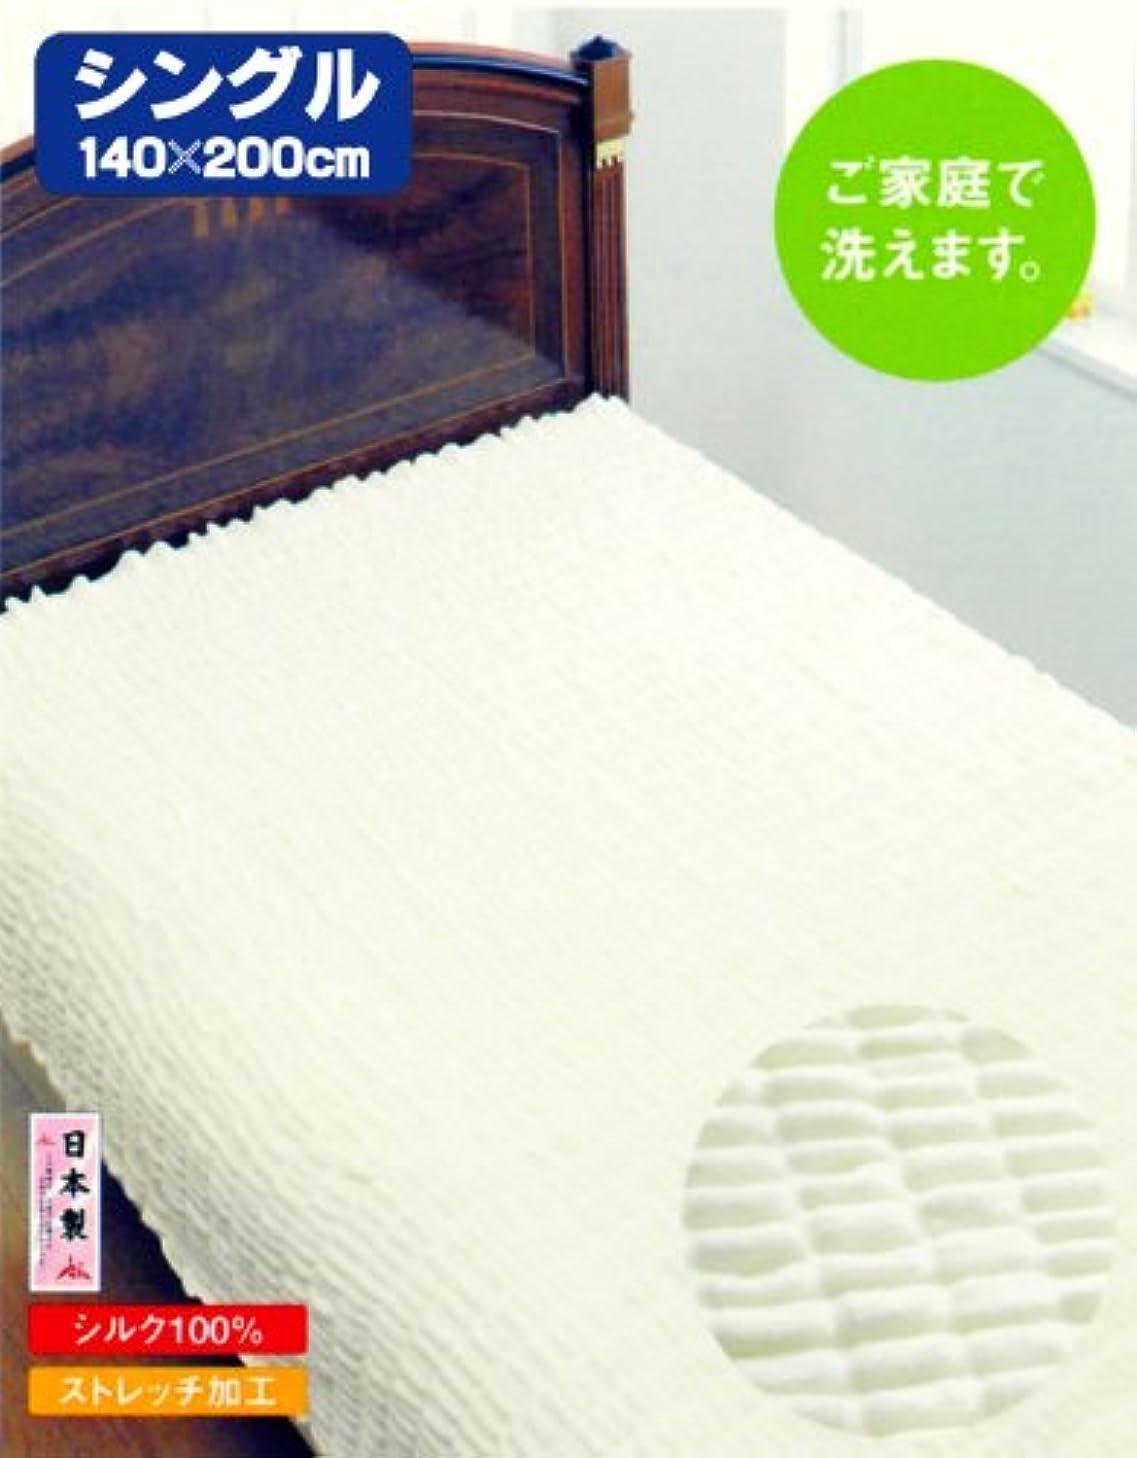 日本製シルクかるーくあったかストレッチ毛布シングルサイズ(140X200cm)[FMS-5001]